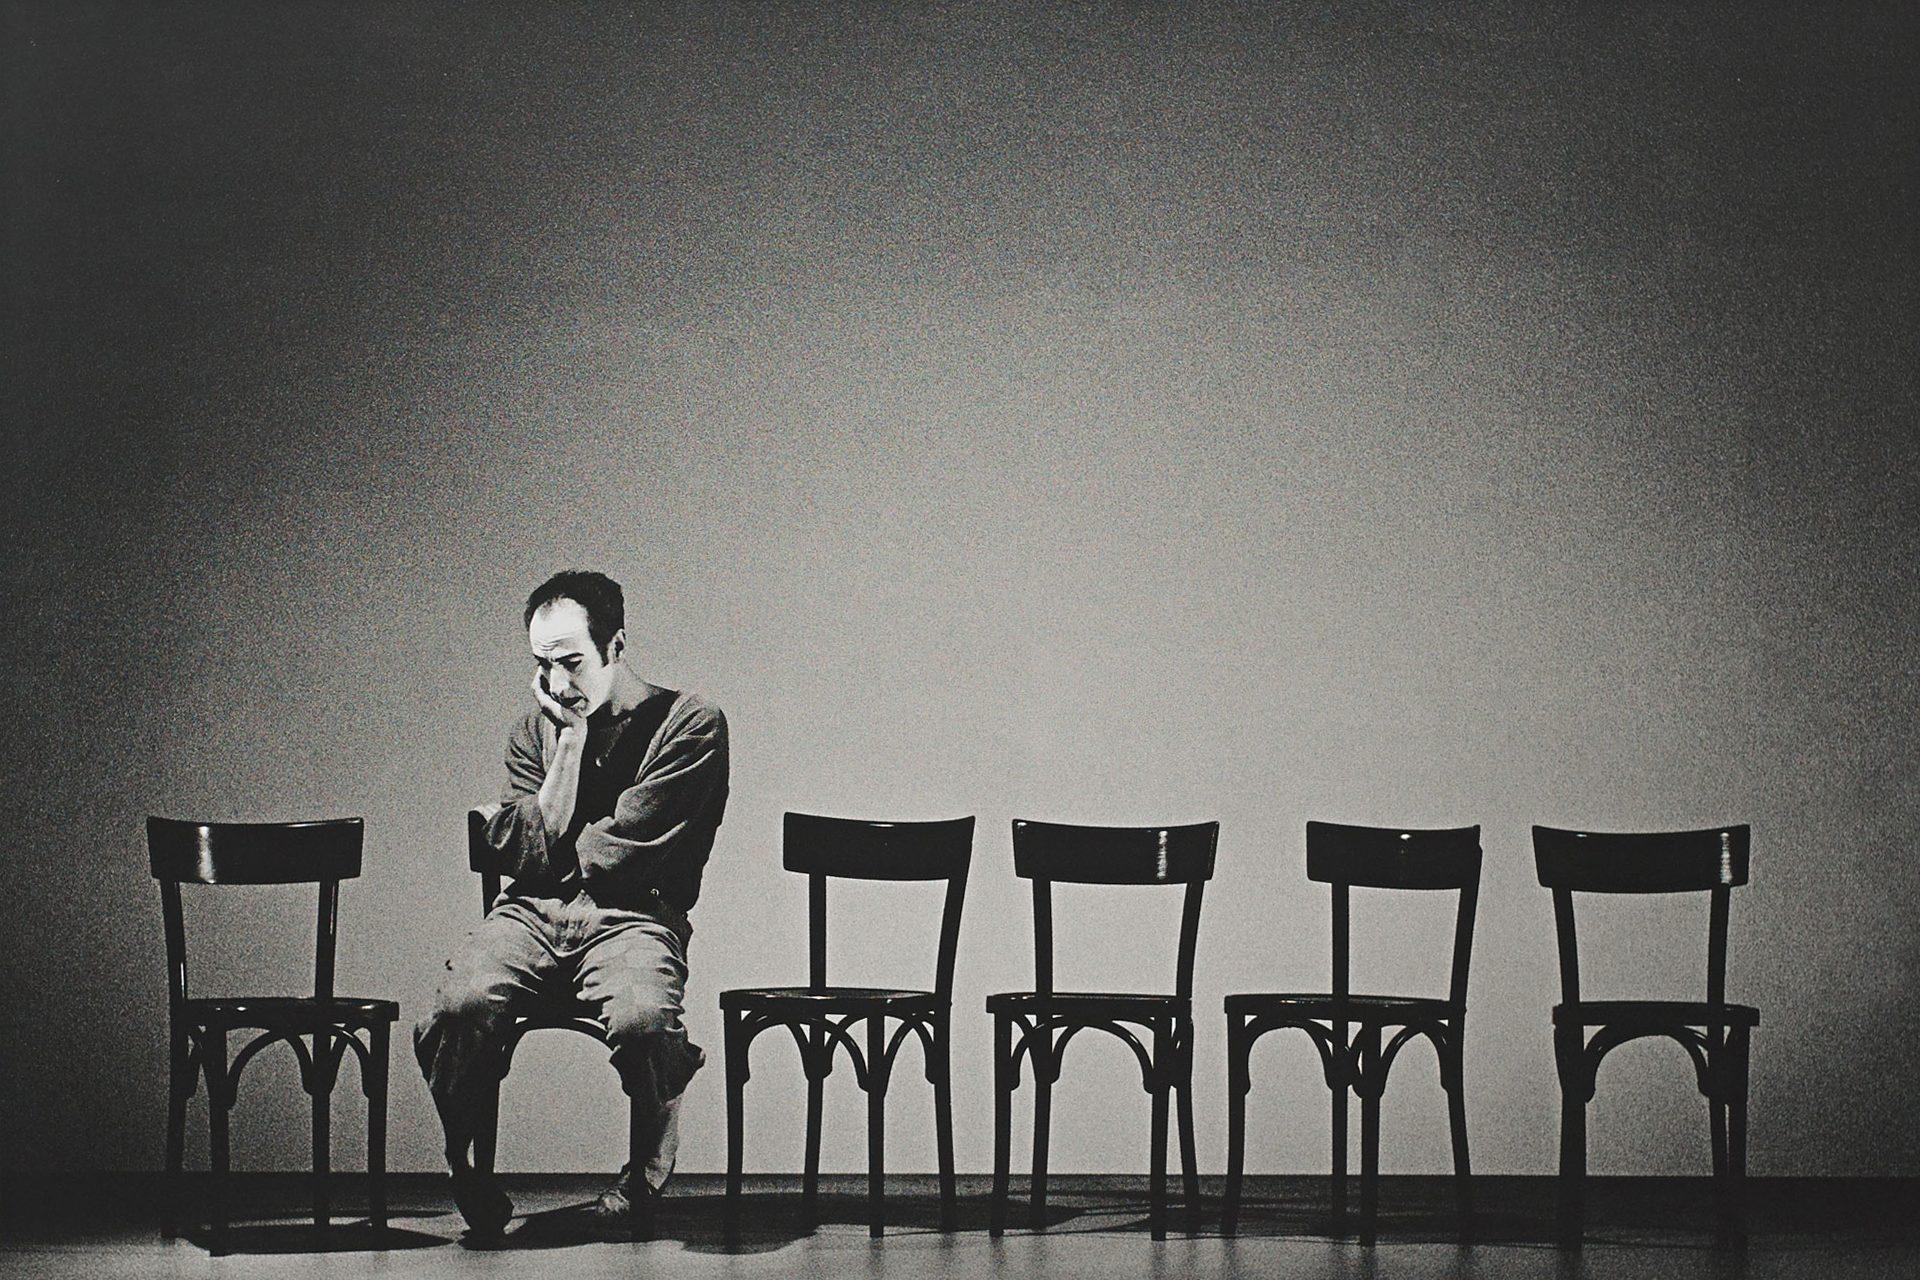 Ein Mann sitzt auf einem von sechs Stühlen. Er ist alleine und wirkt nachdenklich und traurig.